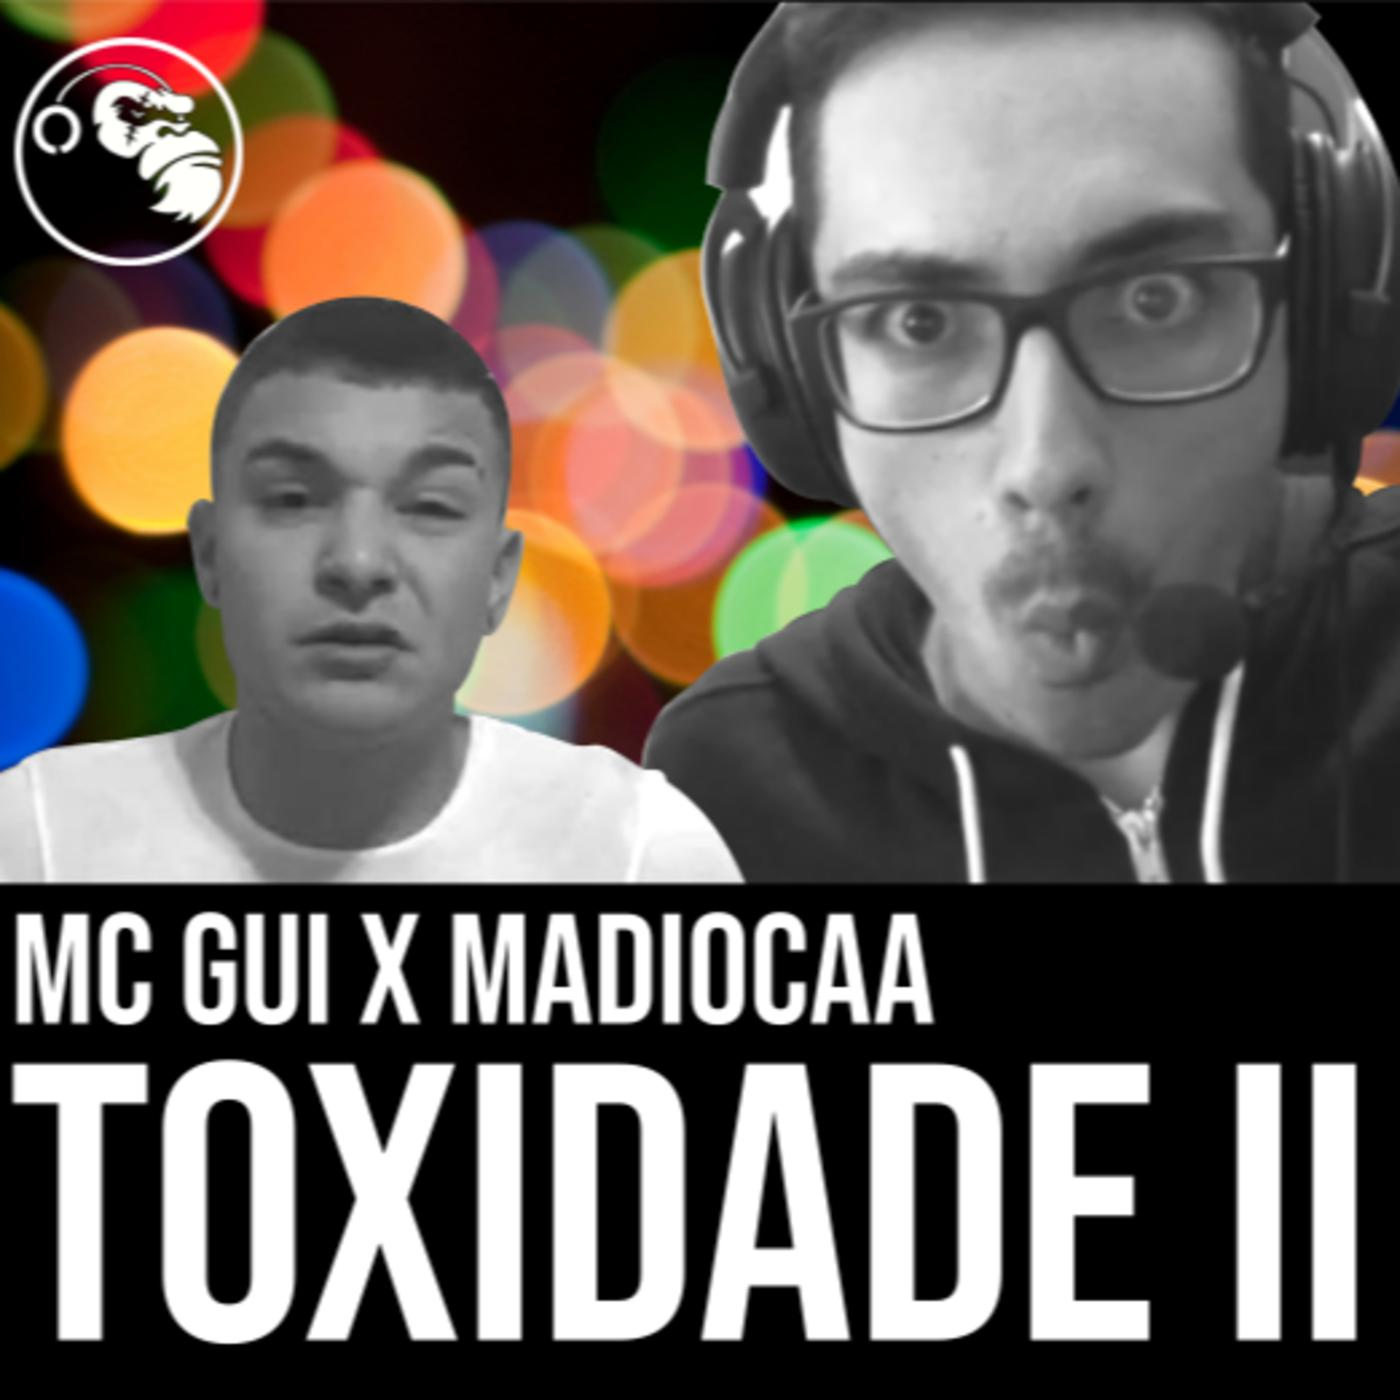 14 Toxidade Na Internet Ll Mc Gui E Streamer Mandioca Listen Notes Babado novo | #fiqueemcasa e #cante #comigo macaco gordo 5 727 зрителей. listen notes